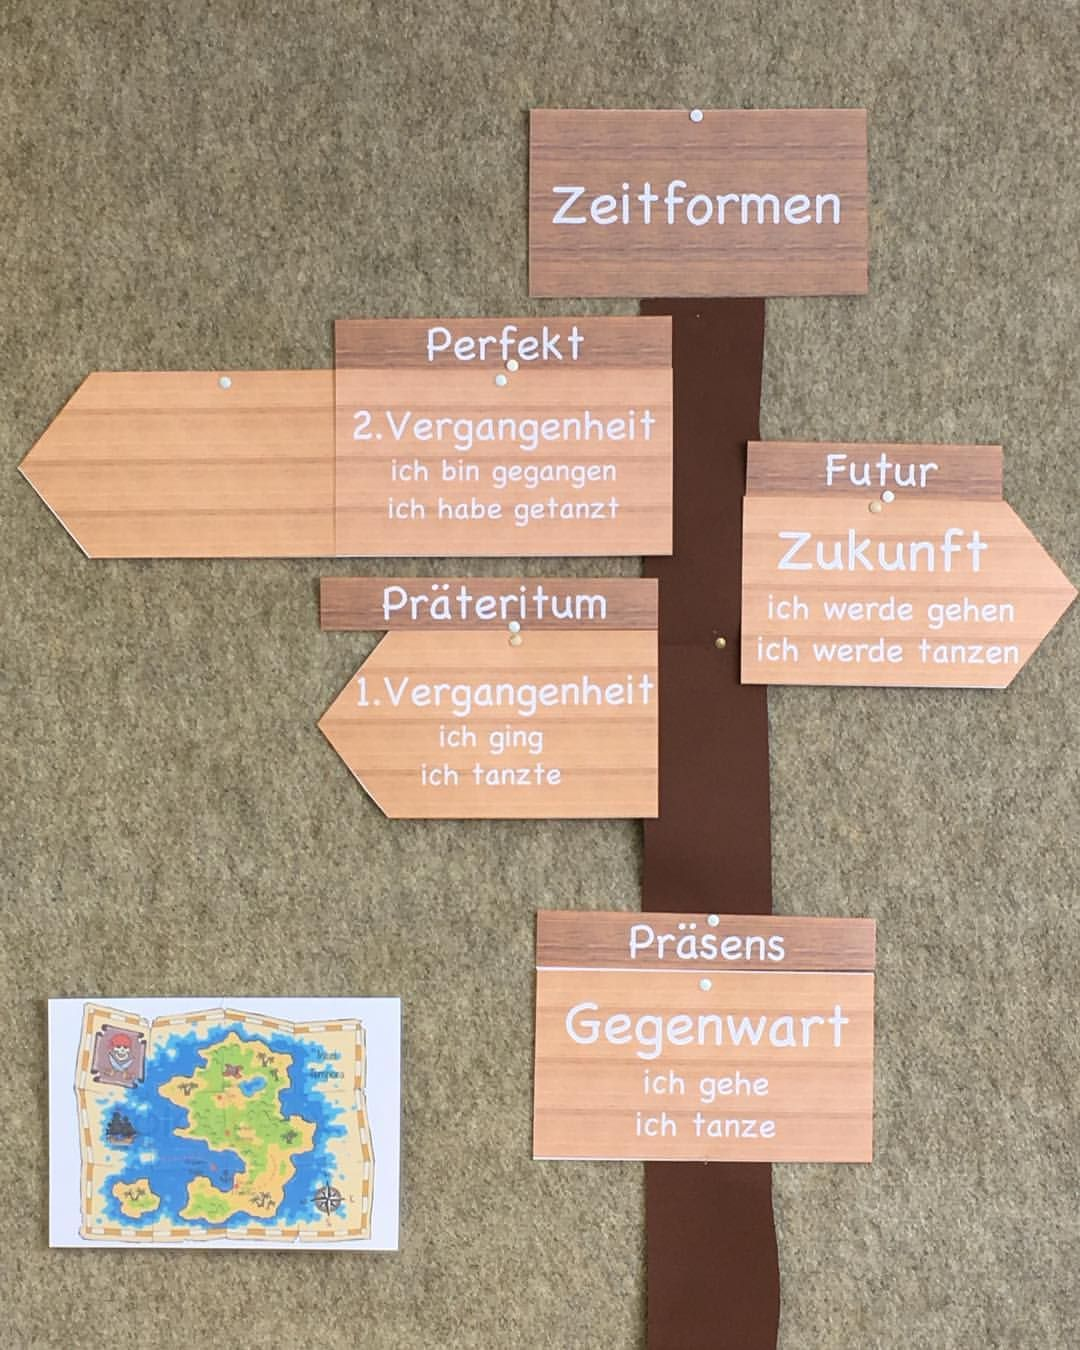 Wandgestaltung zu den Zeitformen #grundschule #klassenzimmer #klassenzimmergesta…